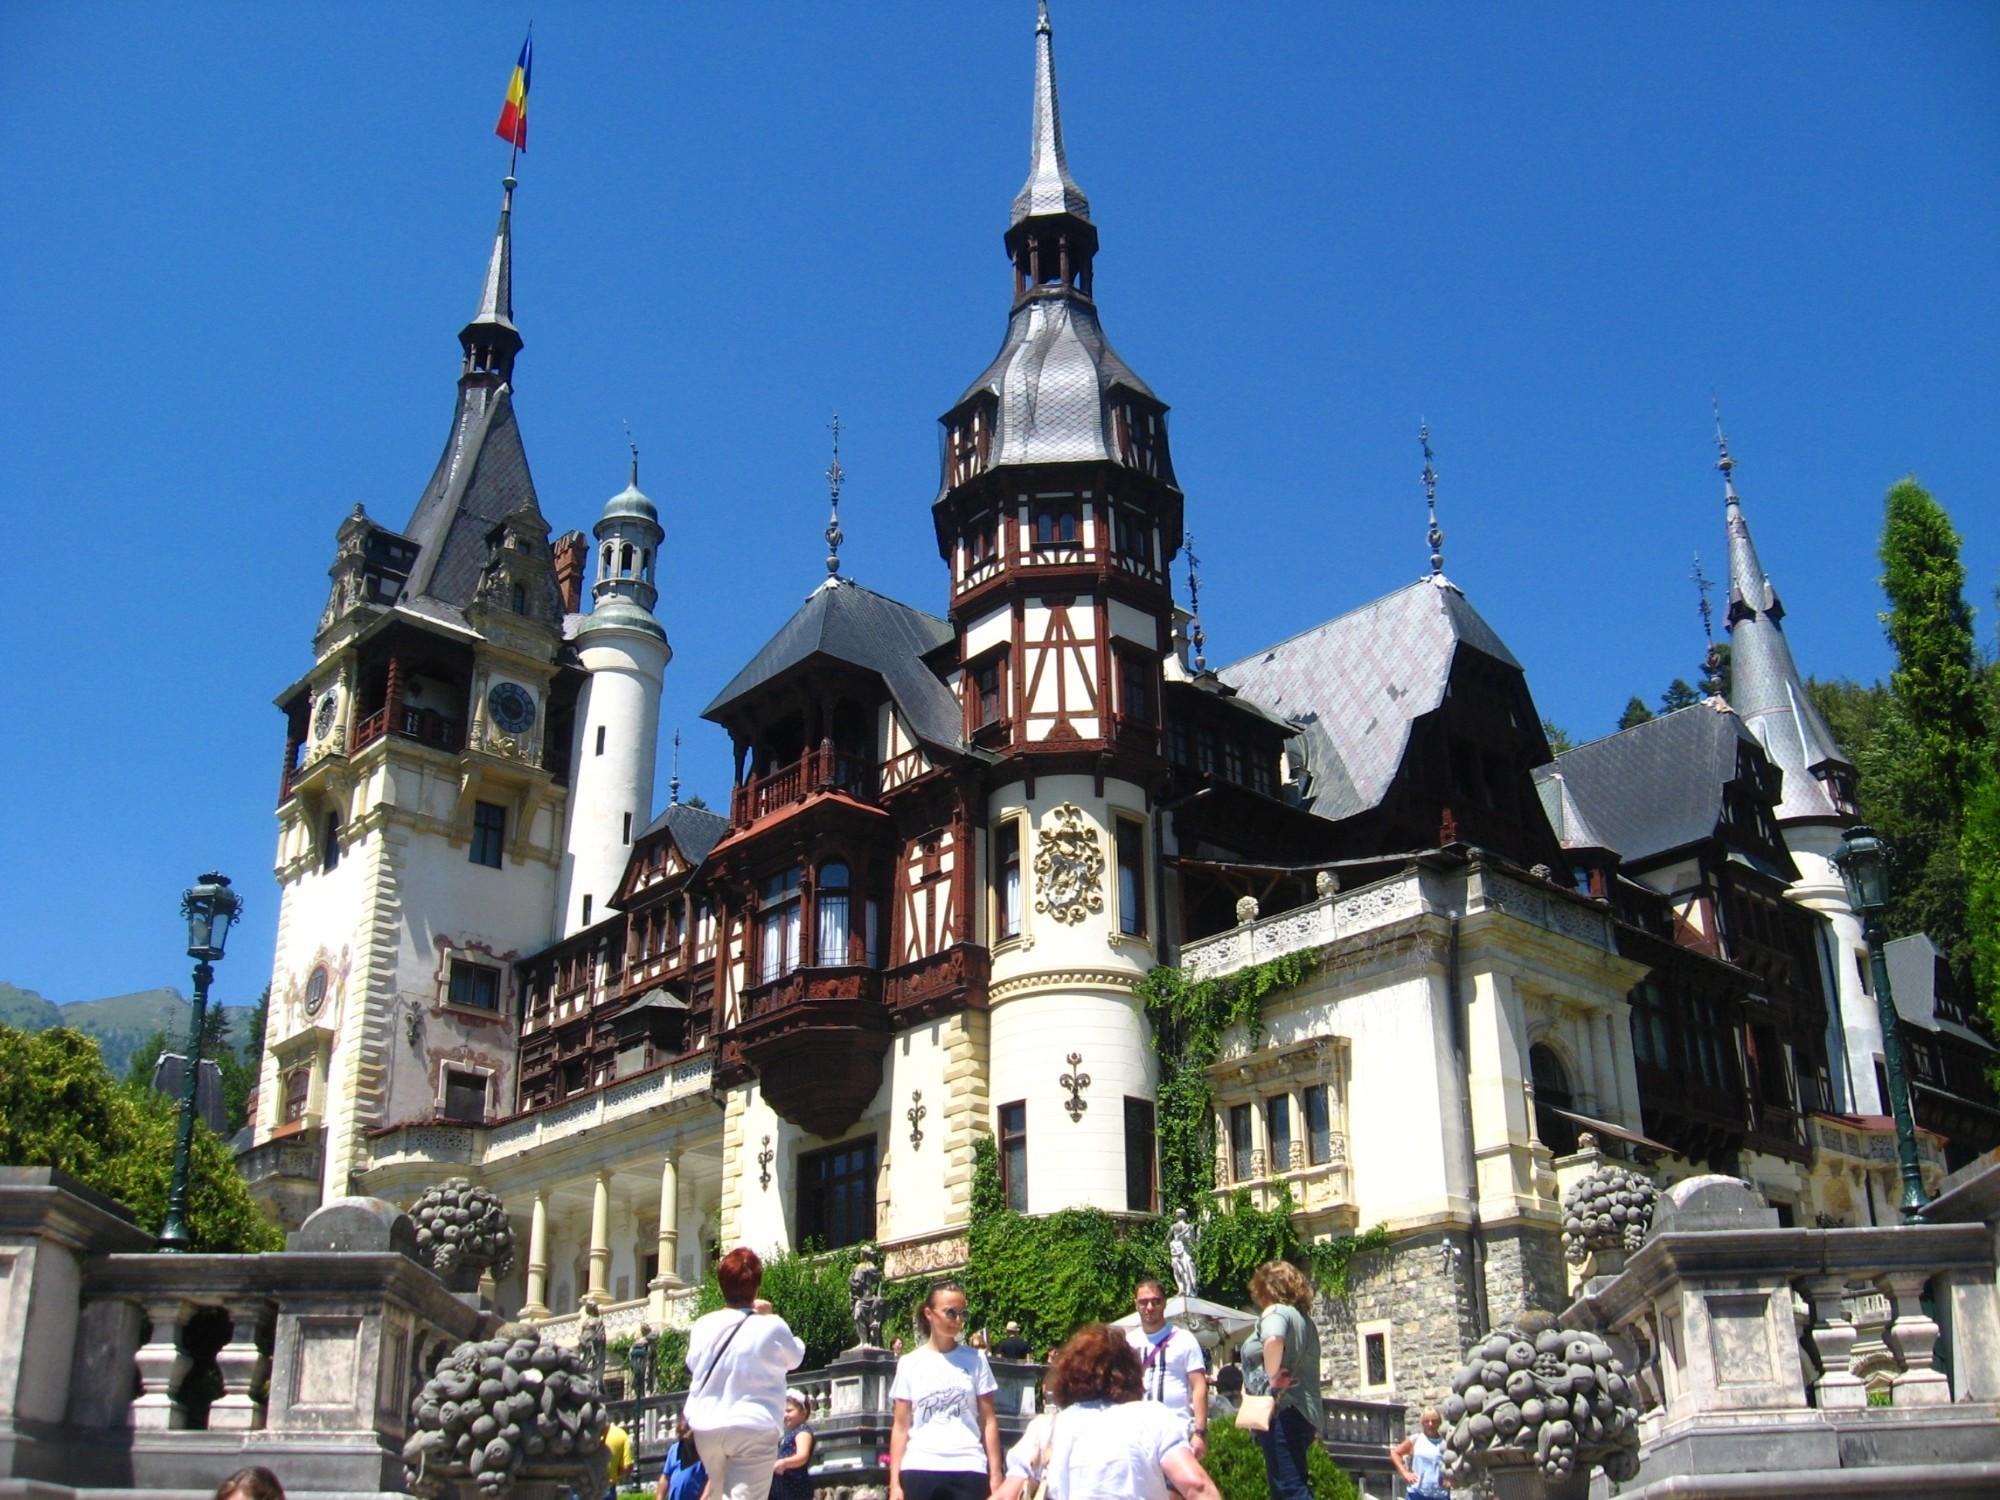 небольшой город румыния фото и отзывы приволокла домой негра